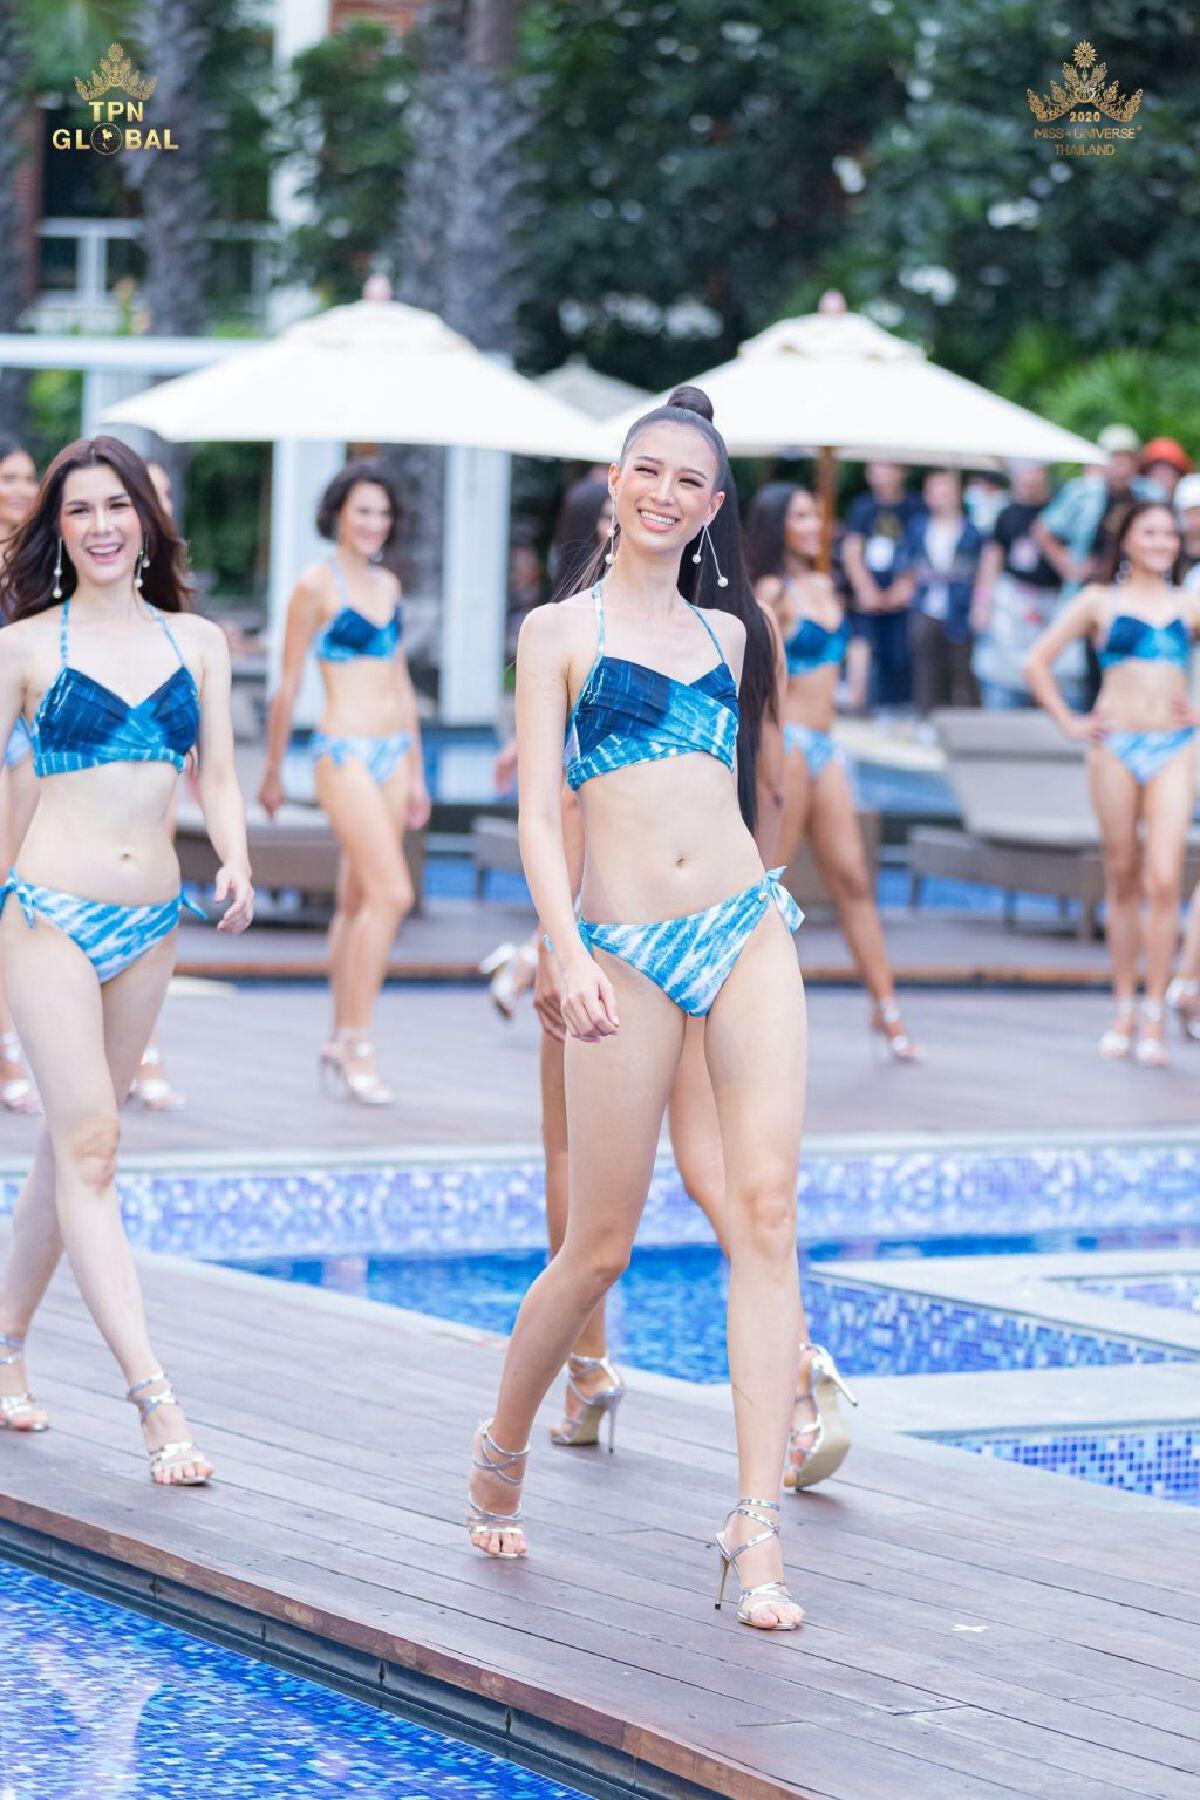 มิสยูนิเวิร์สไทยแลนด์ 2020 รูปชุดว่ายน้ำ Miss Universe Thailand 2020